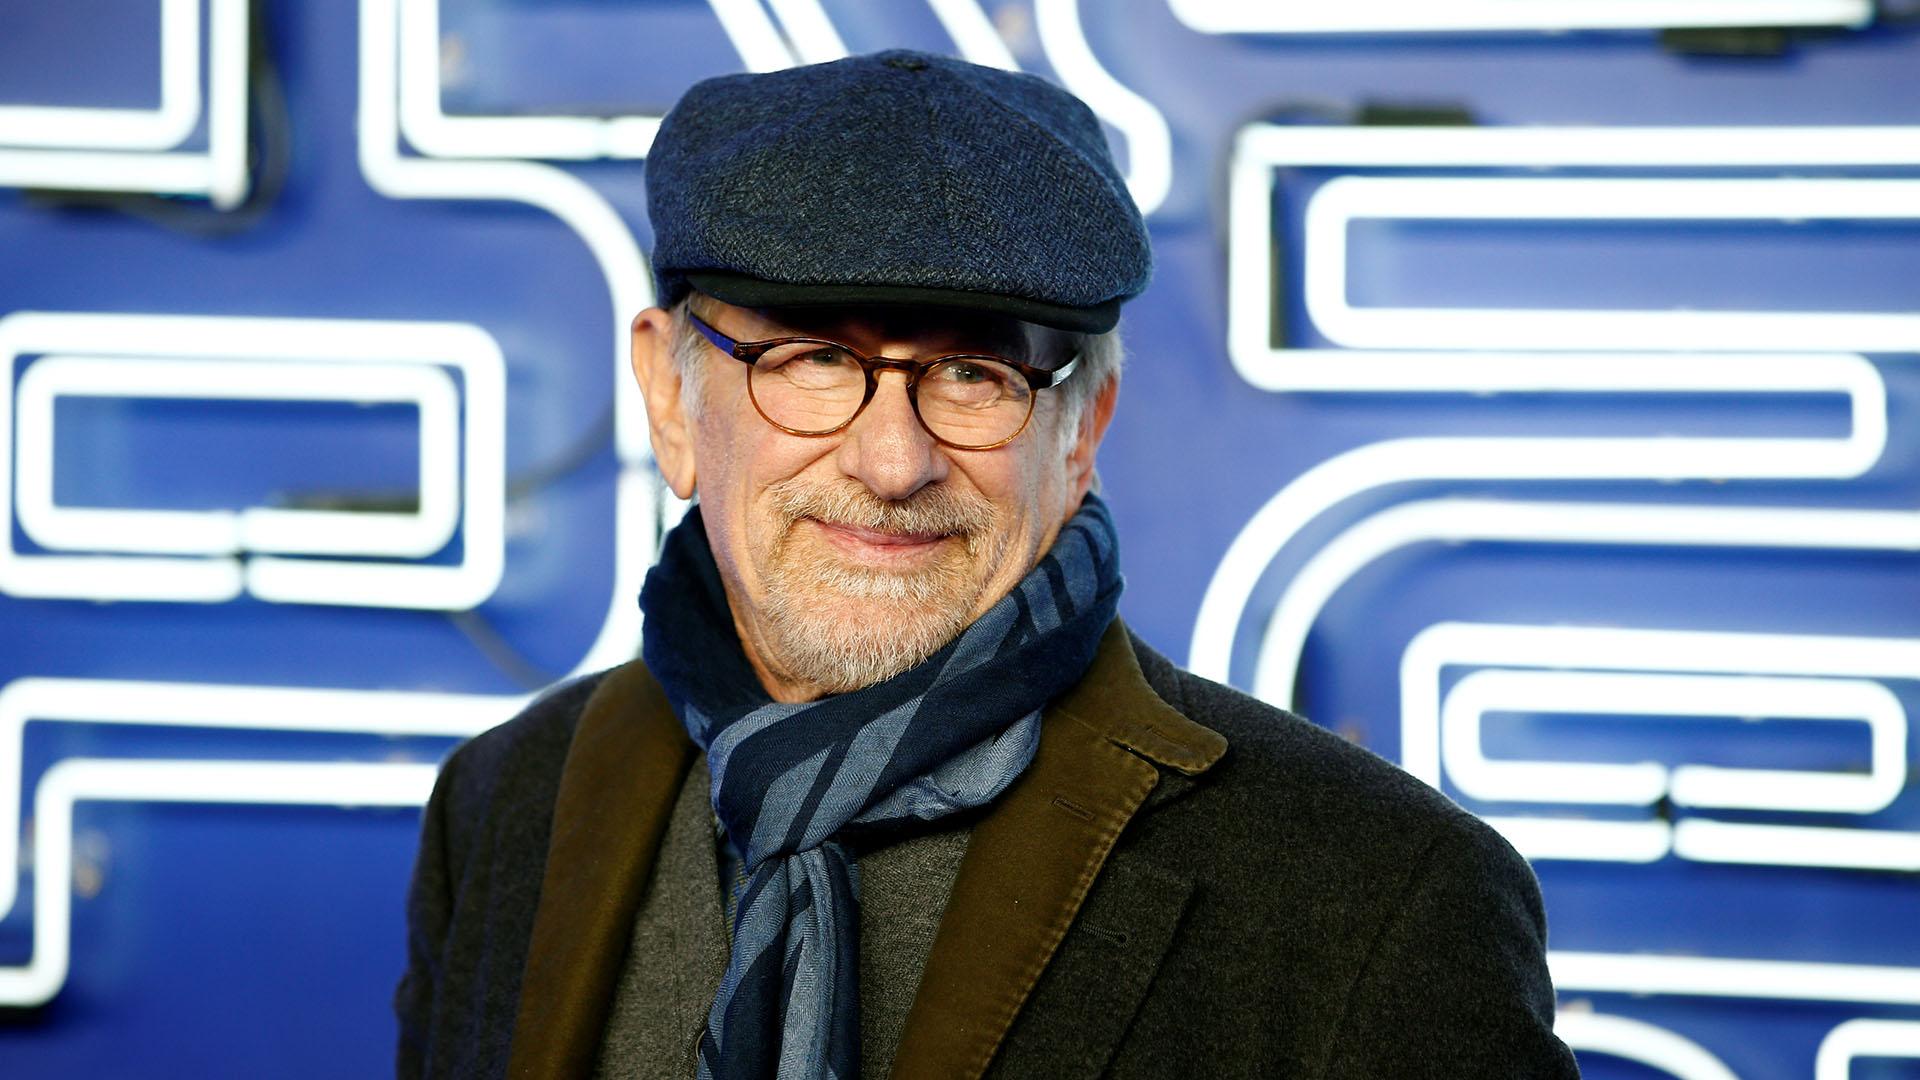 Steven Spielberg apoya el movimiento Times' Up y la igualdad de género en Hollywood (Reuters)